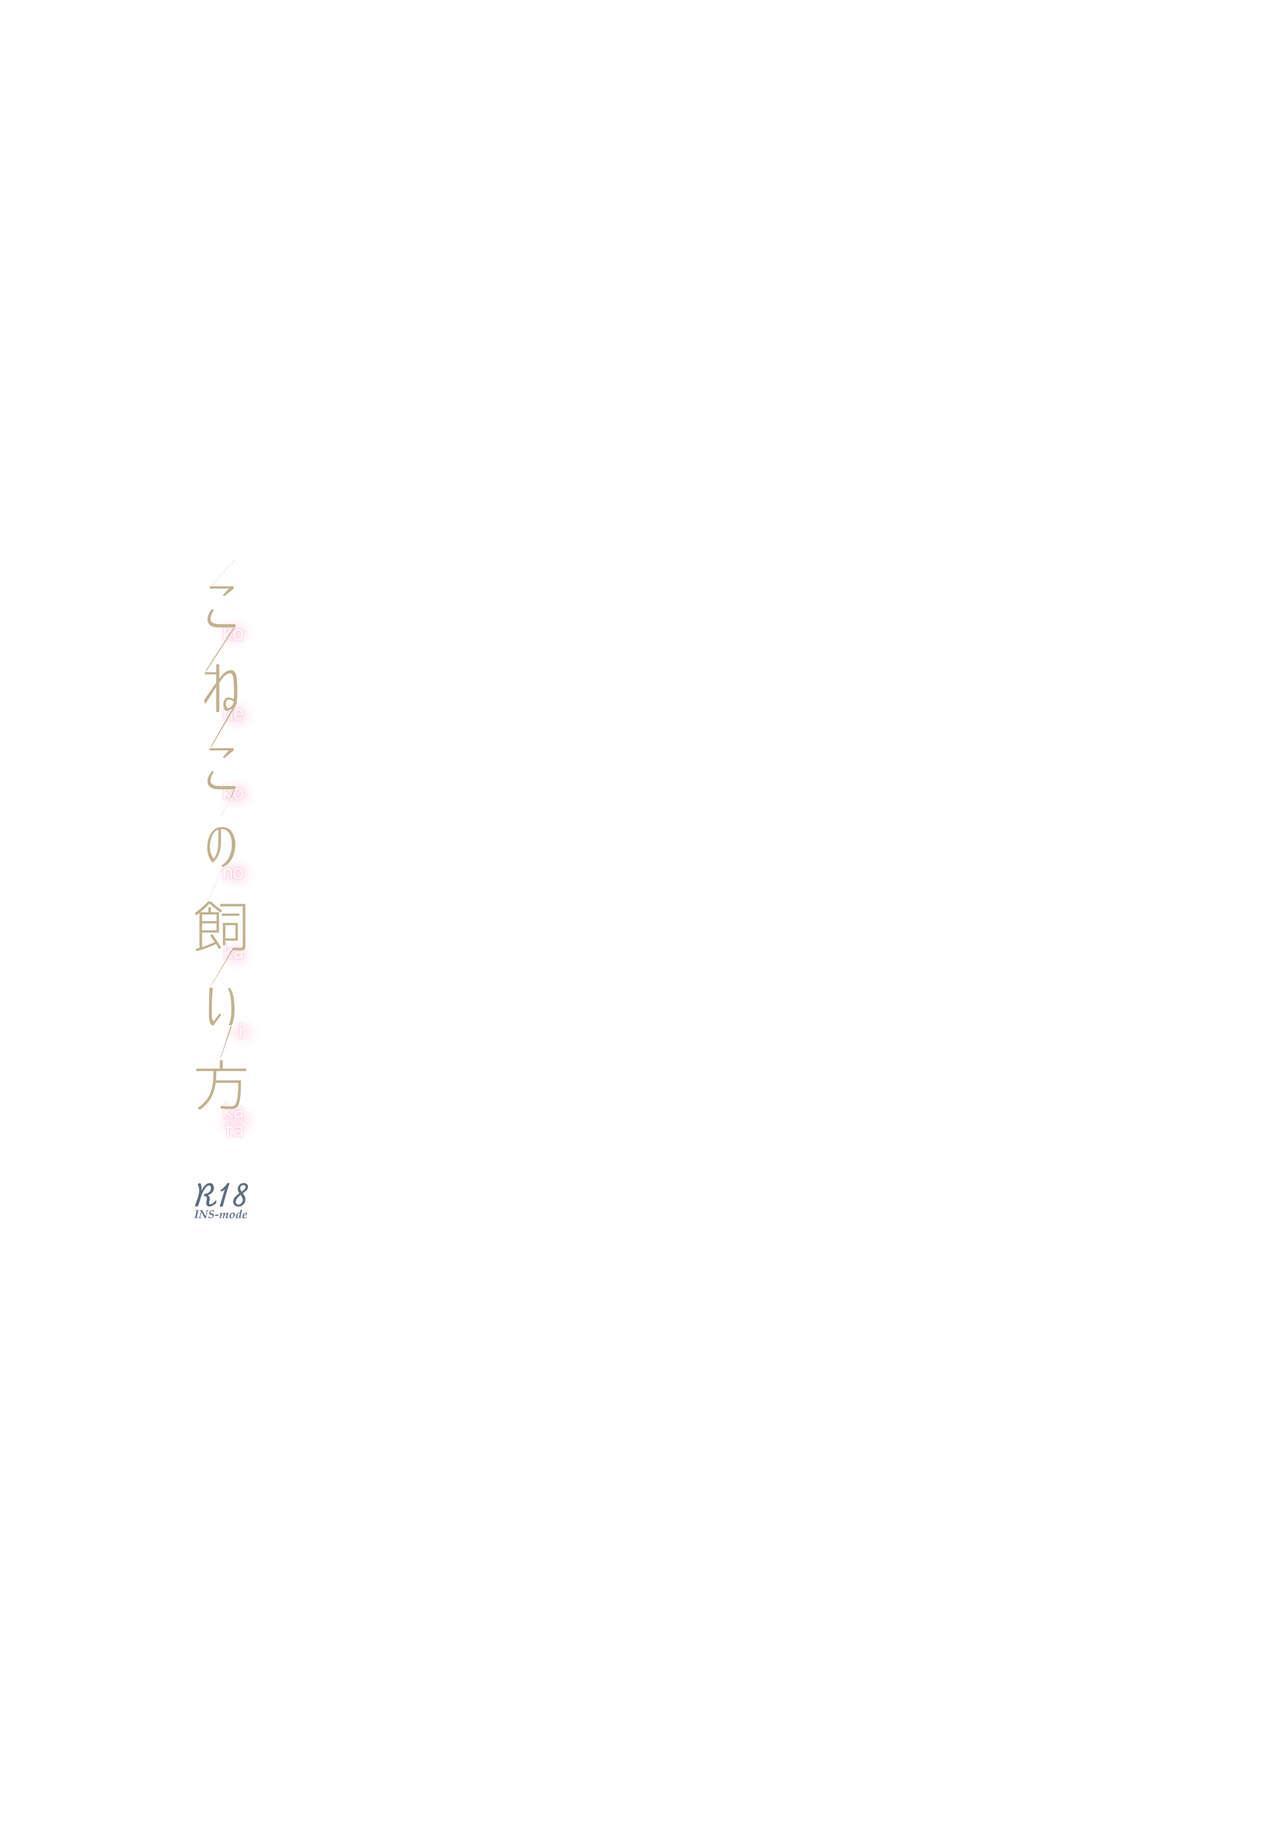 Koneko no Kaikata 17